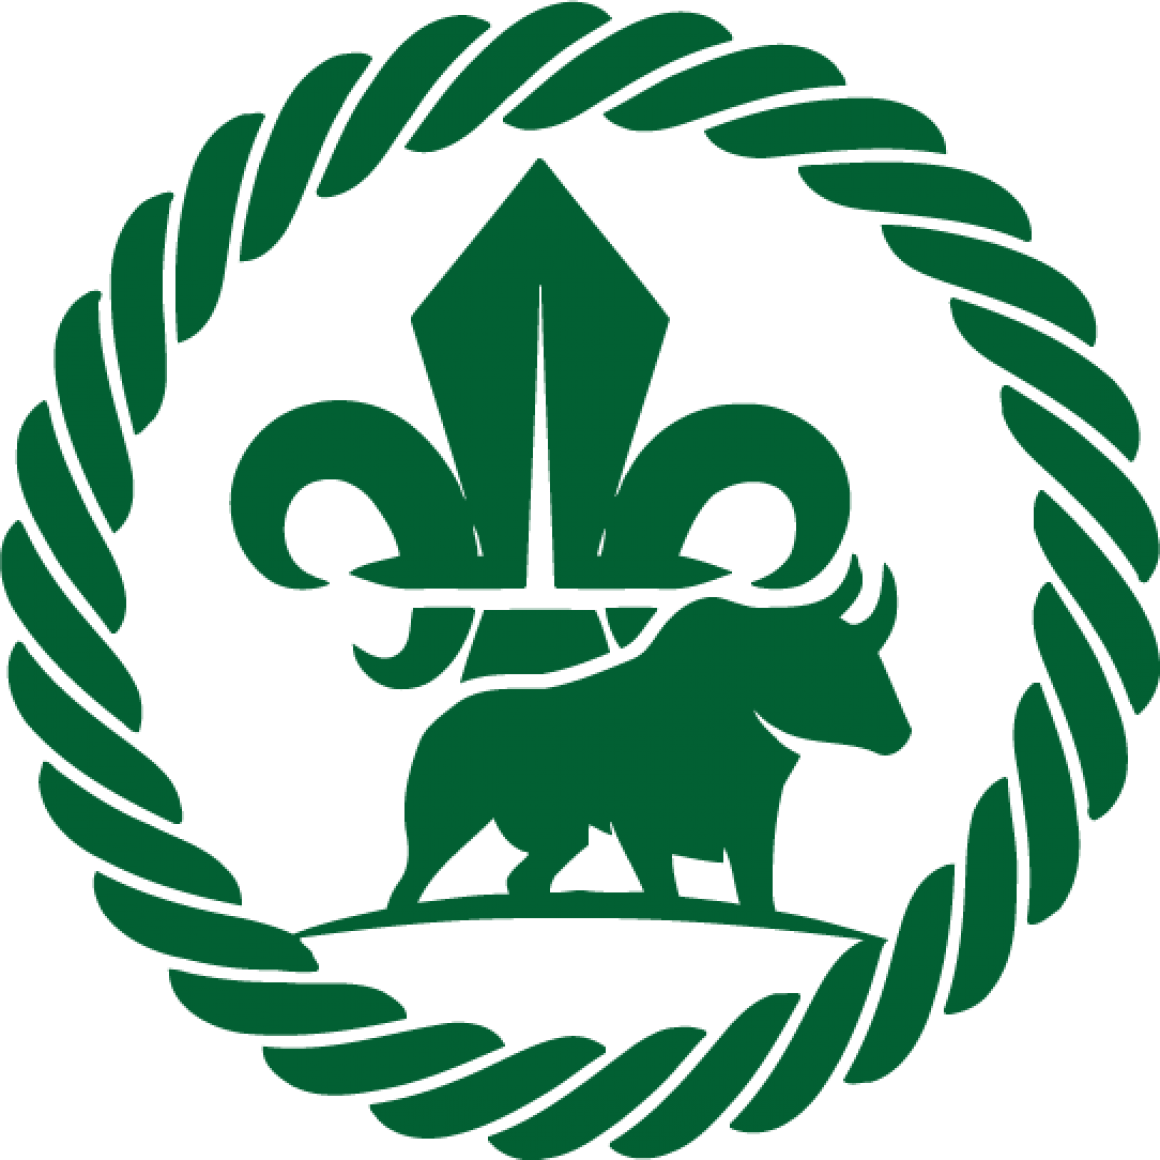 De Voerman logo